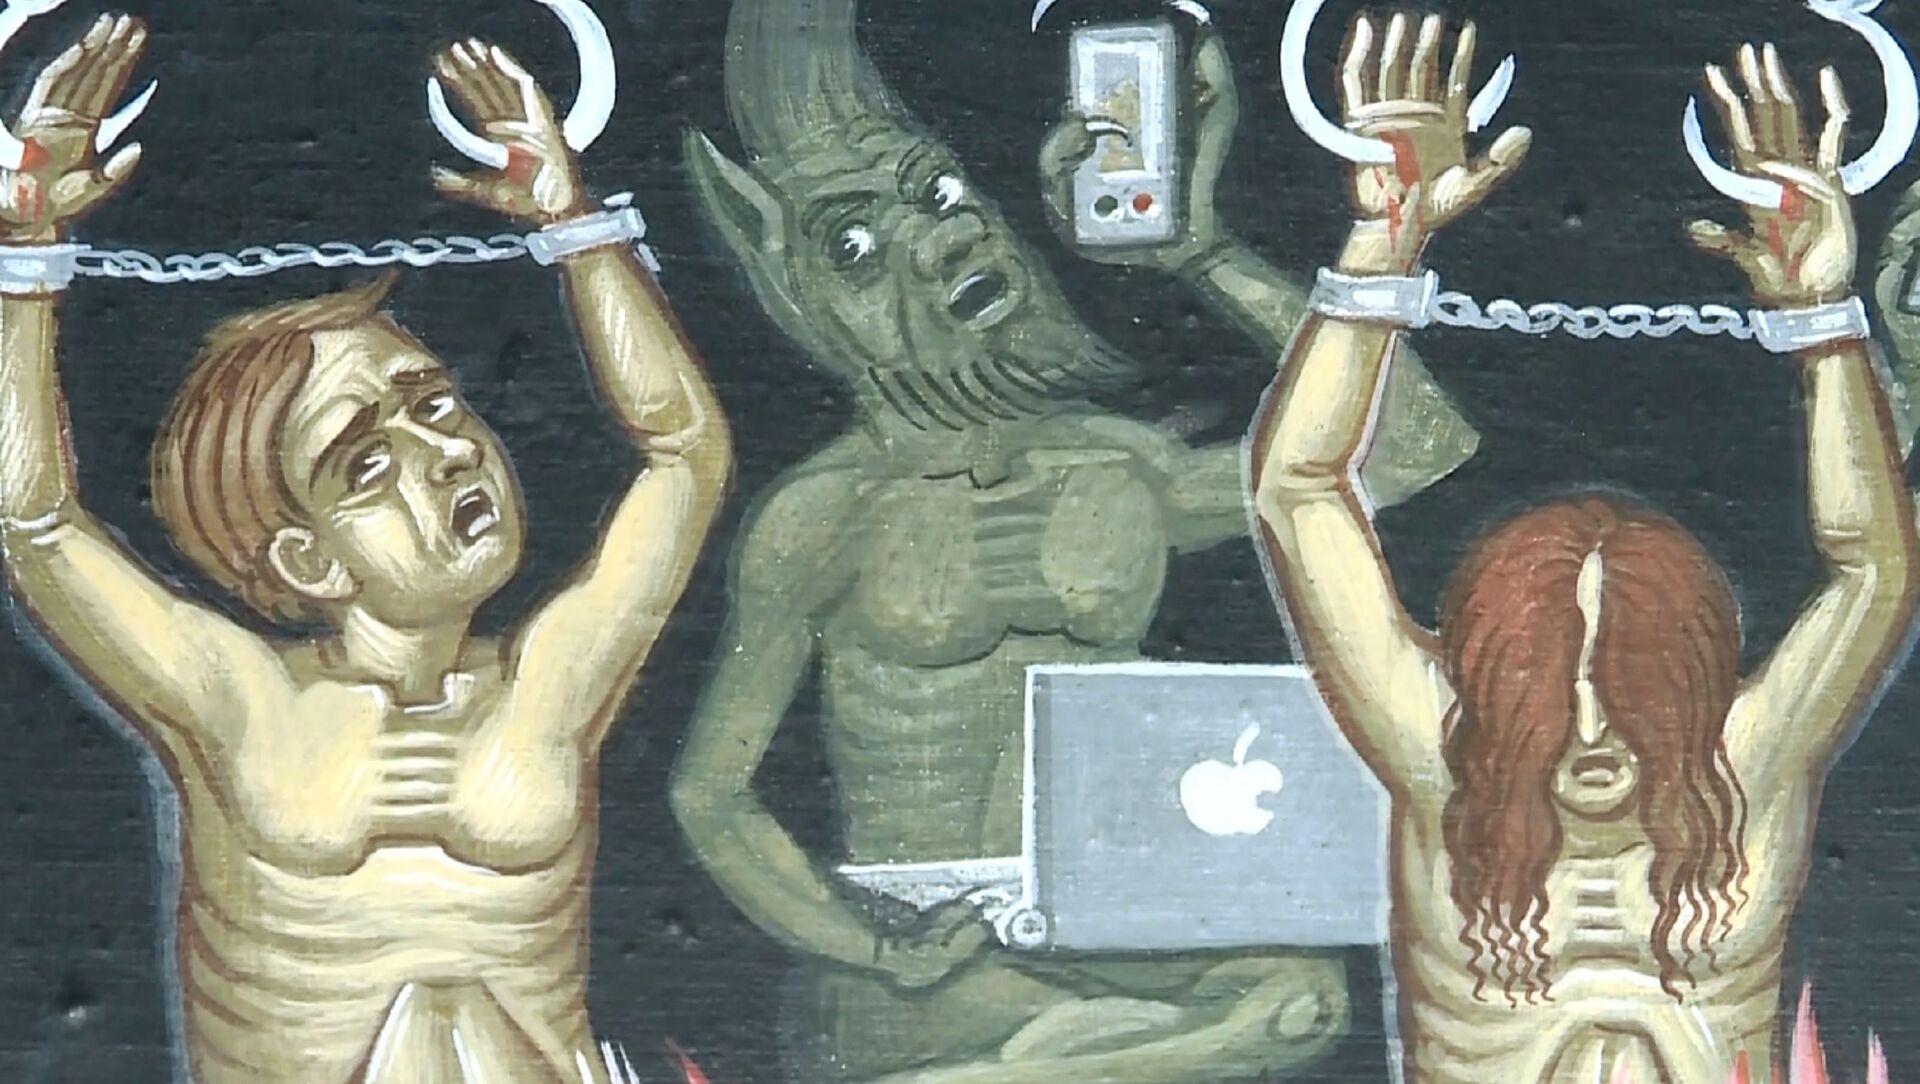 """Diavoletti con lo smartphone: in una chiesa russa affreschi con i """"nuovi peccatori di internet""""  - Sputnik Italia, 1920, 24.04.2021"""